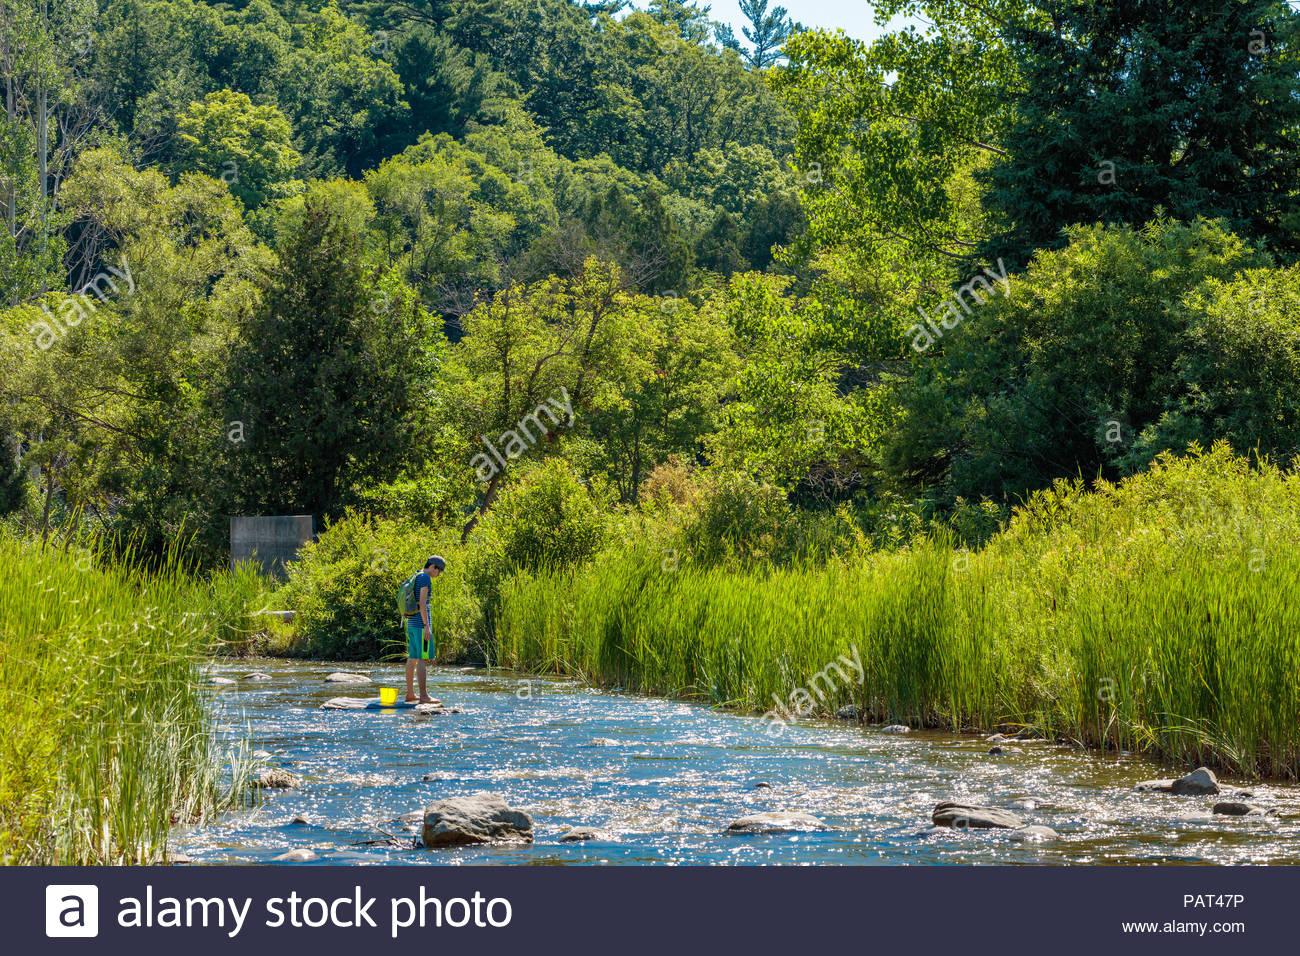 Baignade forêt shinrin-yoku et l'étude de la nature en un peu Rouge Creek dans le parc urbain national de la Rouge Toronto Ontario Canada Photo Stock